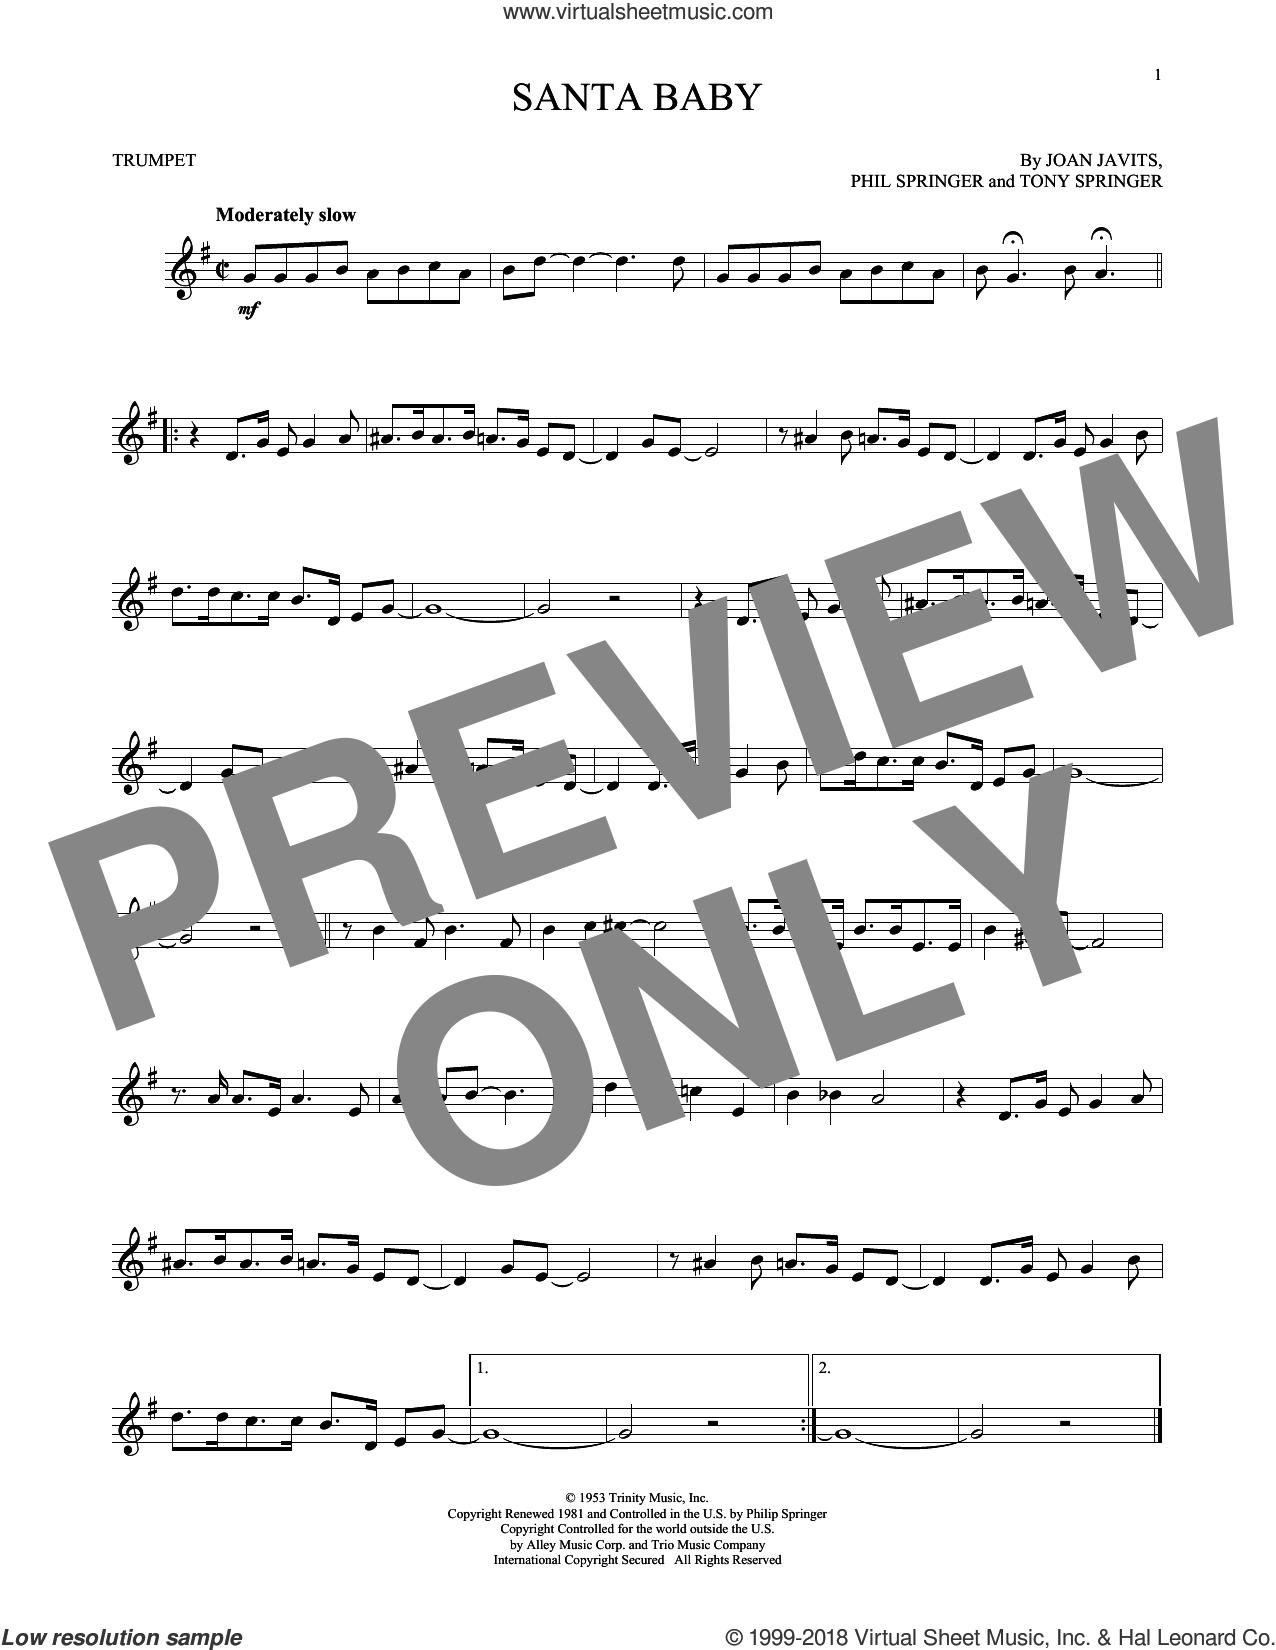 Santa Baby sheet music for trumpet solo by Eartha Kitt, Kellie Pickler, Taylor Swift, Joan Javits, Phil Springer and Tony Springer, intermediate skill level